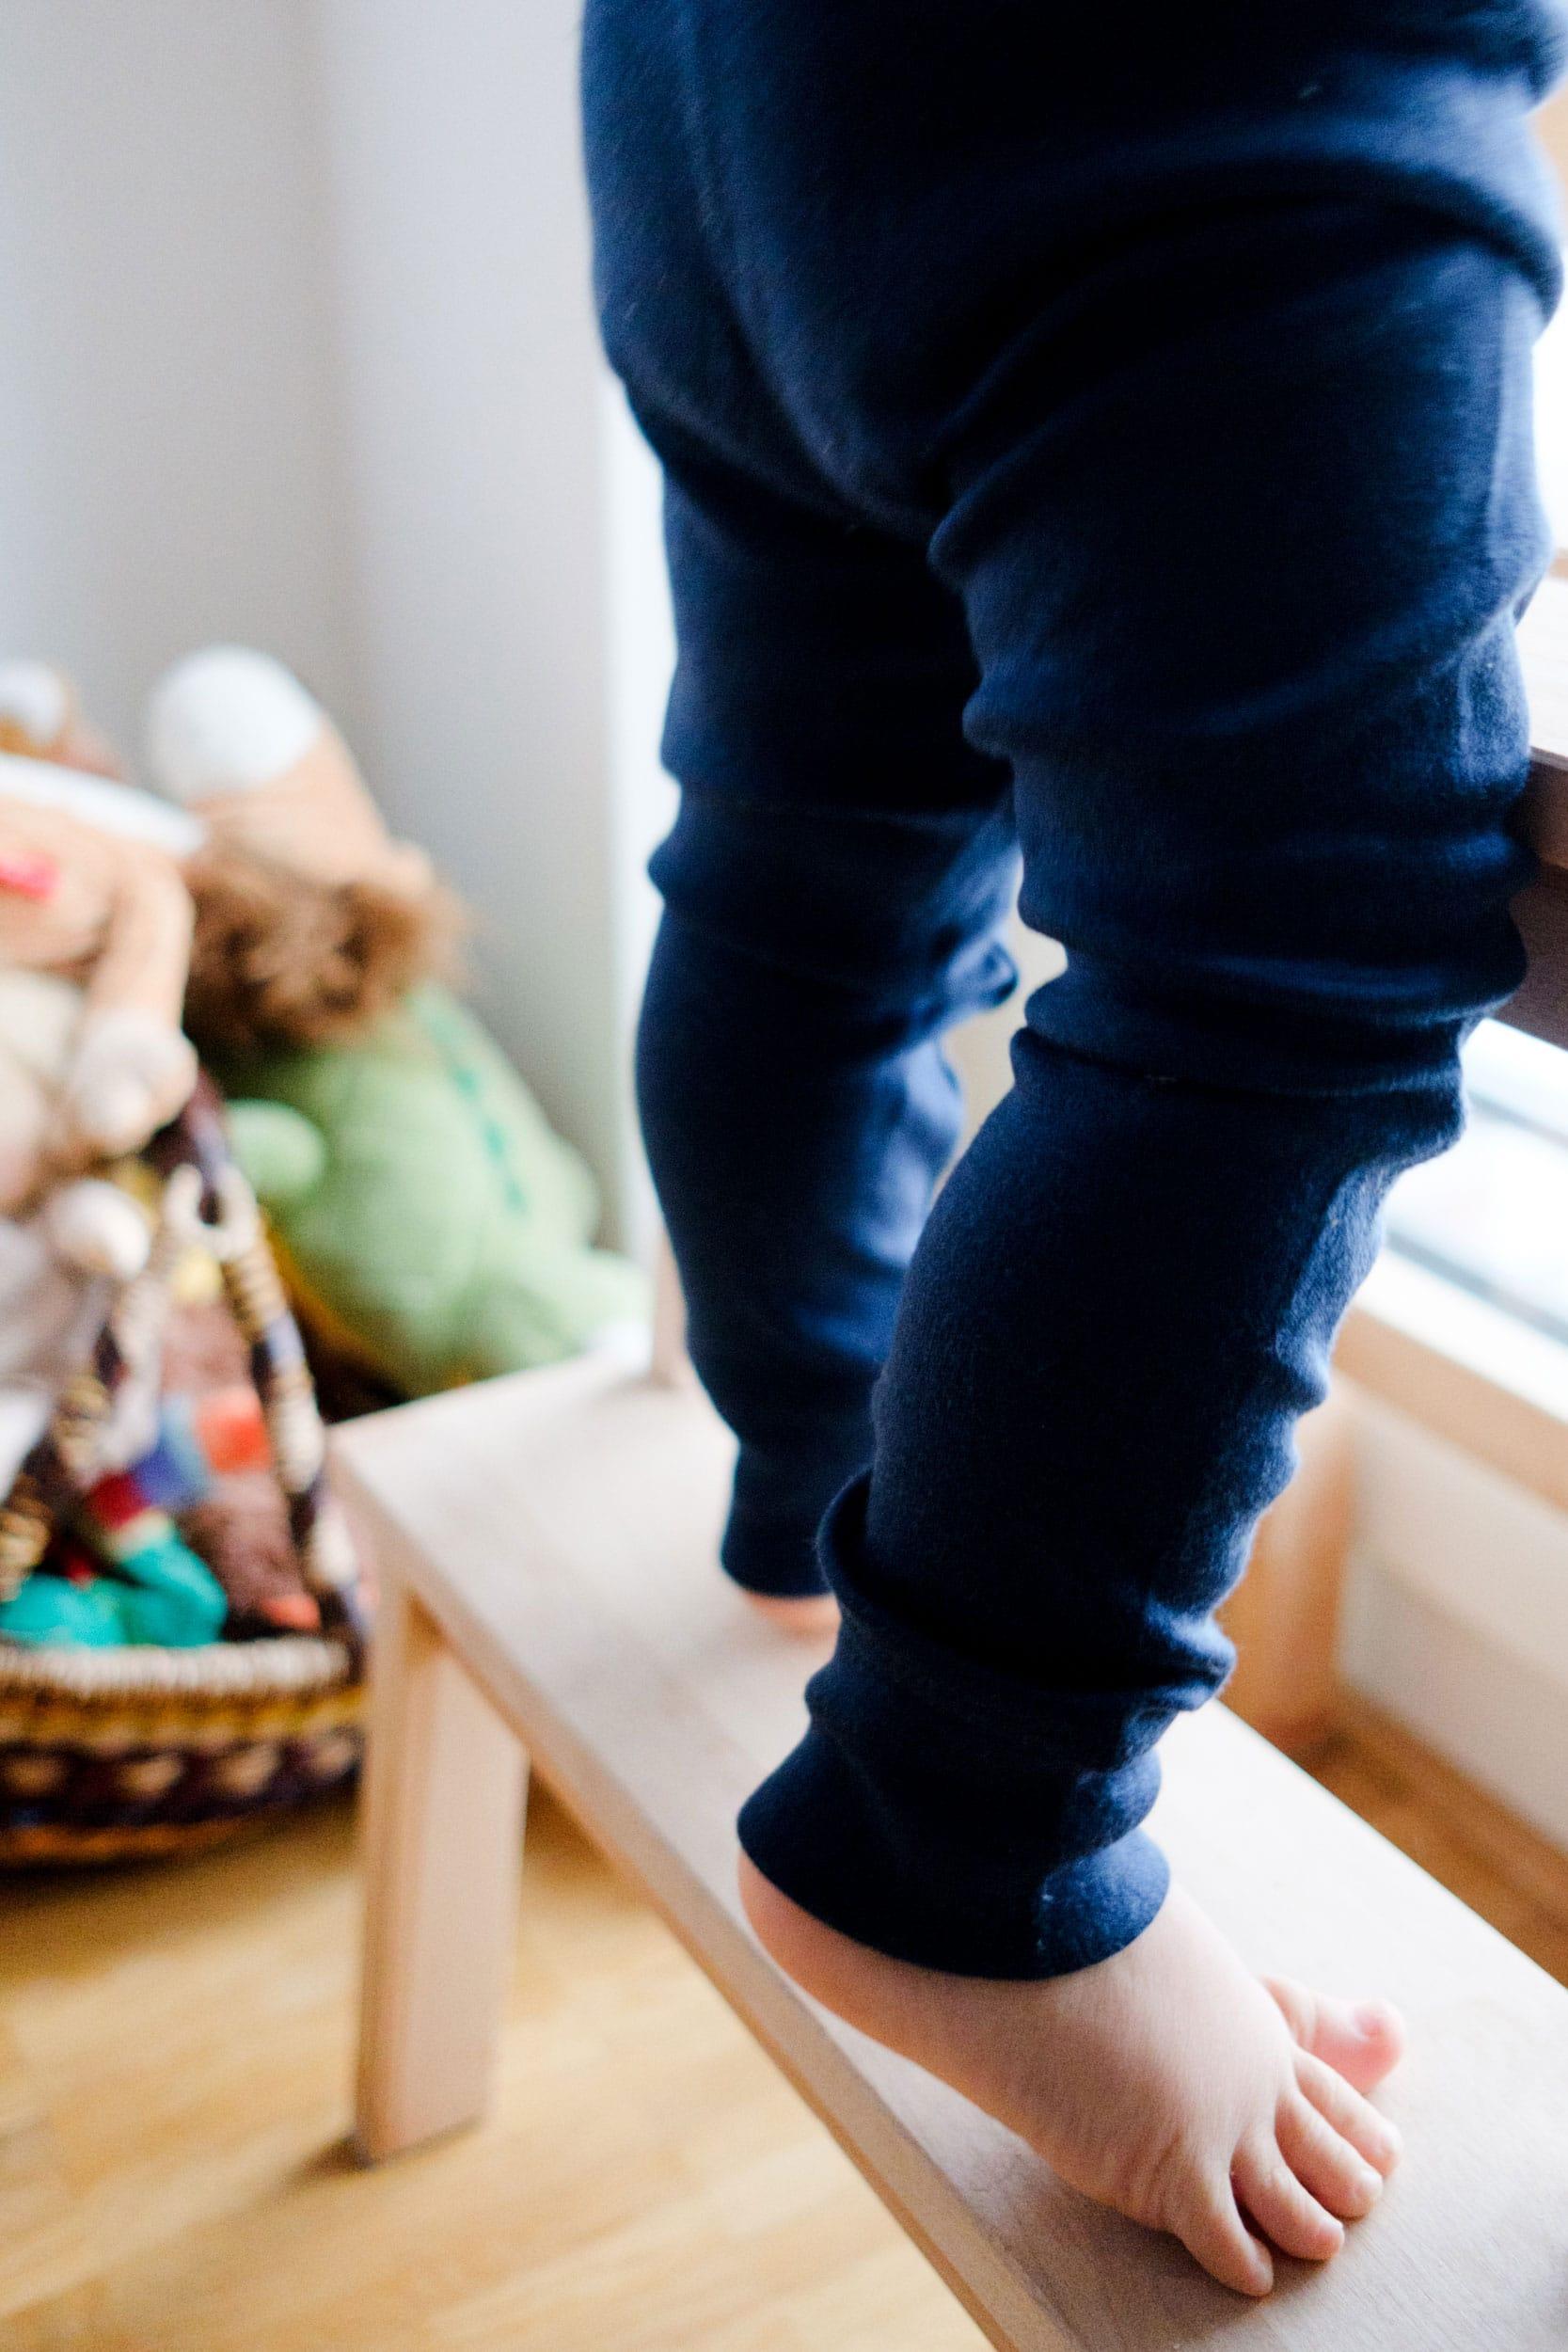 Was ziehe ich meinem Kleinkind im Winter an? | Kleine Kinder im Winter richtig anziehen | Winter Essentials | Baby | Kleinkind | Winterkleidung | Warme Unterwäsche | Wolle & Seide | Merinowolle | Woll-Leggings | Lange Unterhose | Schurwolle | Kinder im Winter tragen | Warme Kleidung | ivy.li